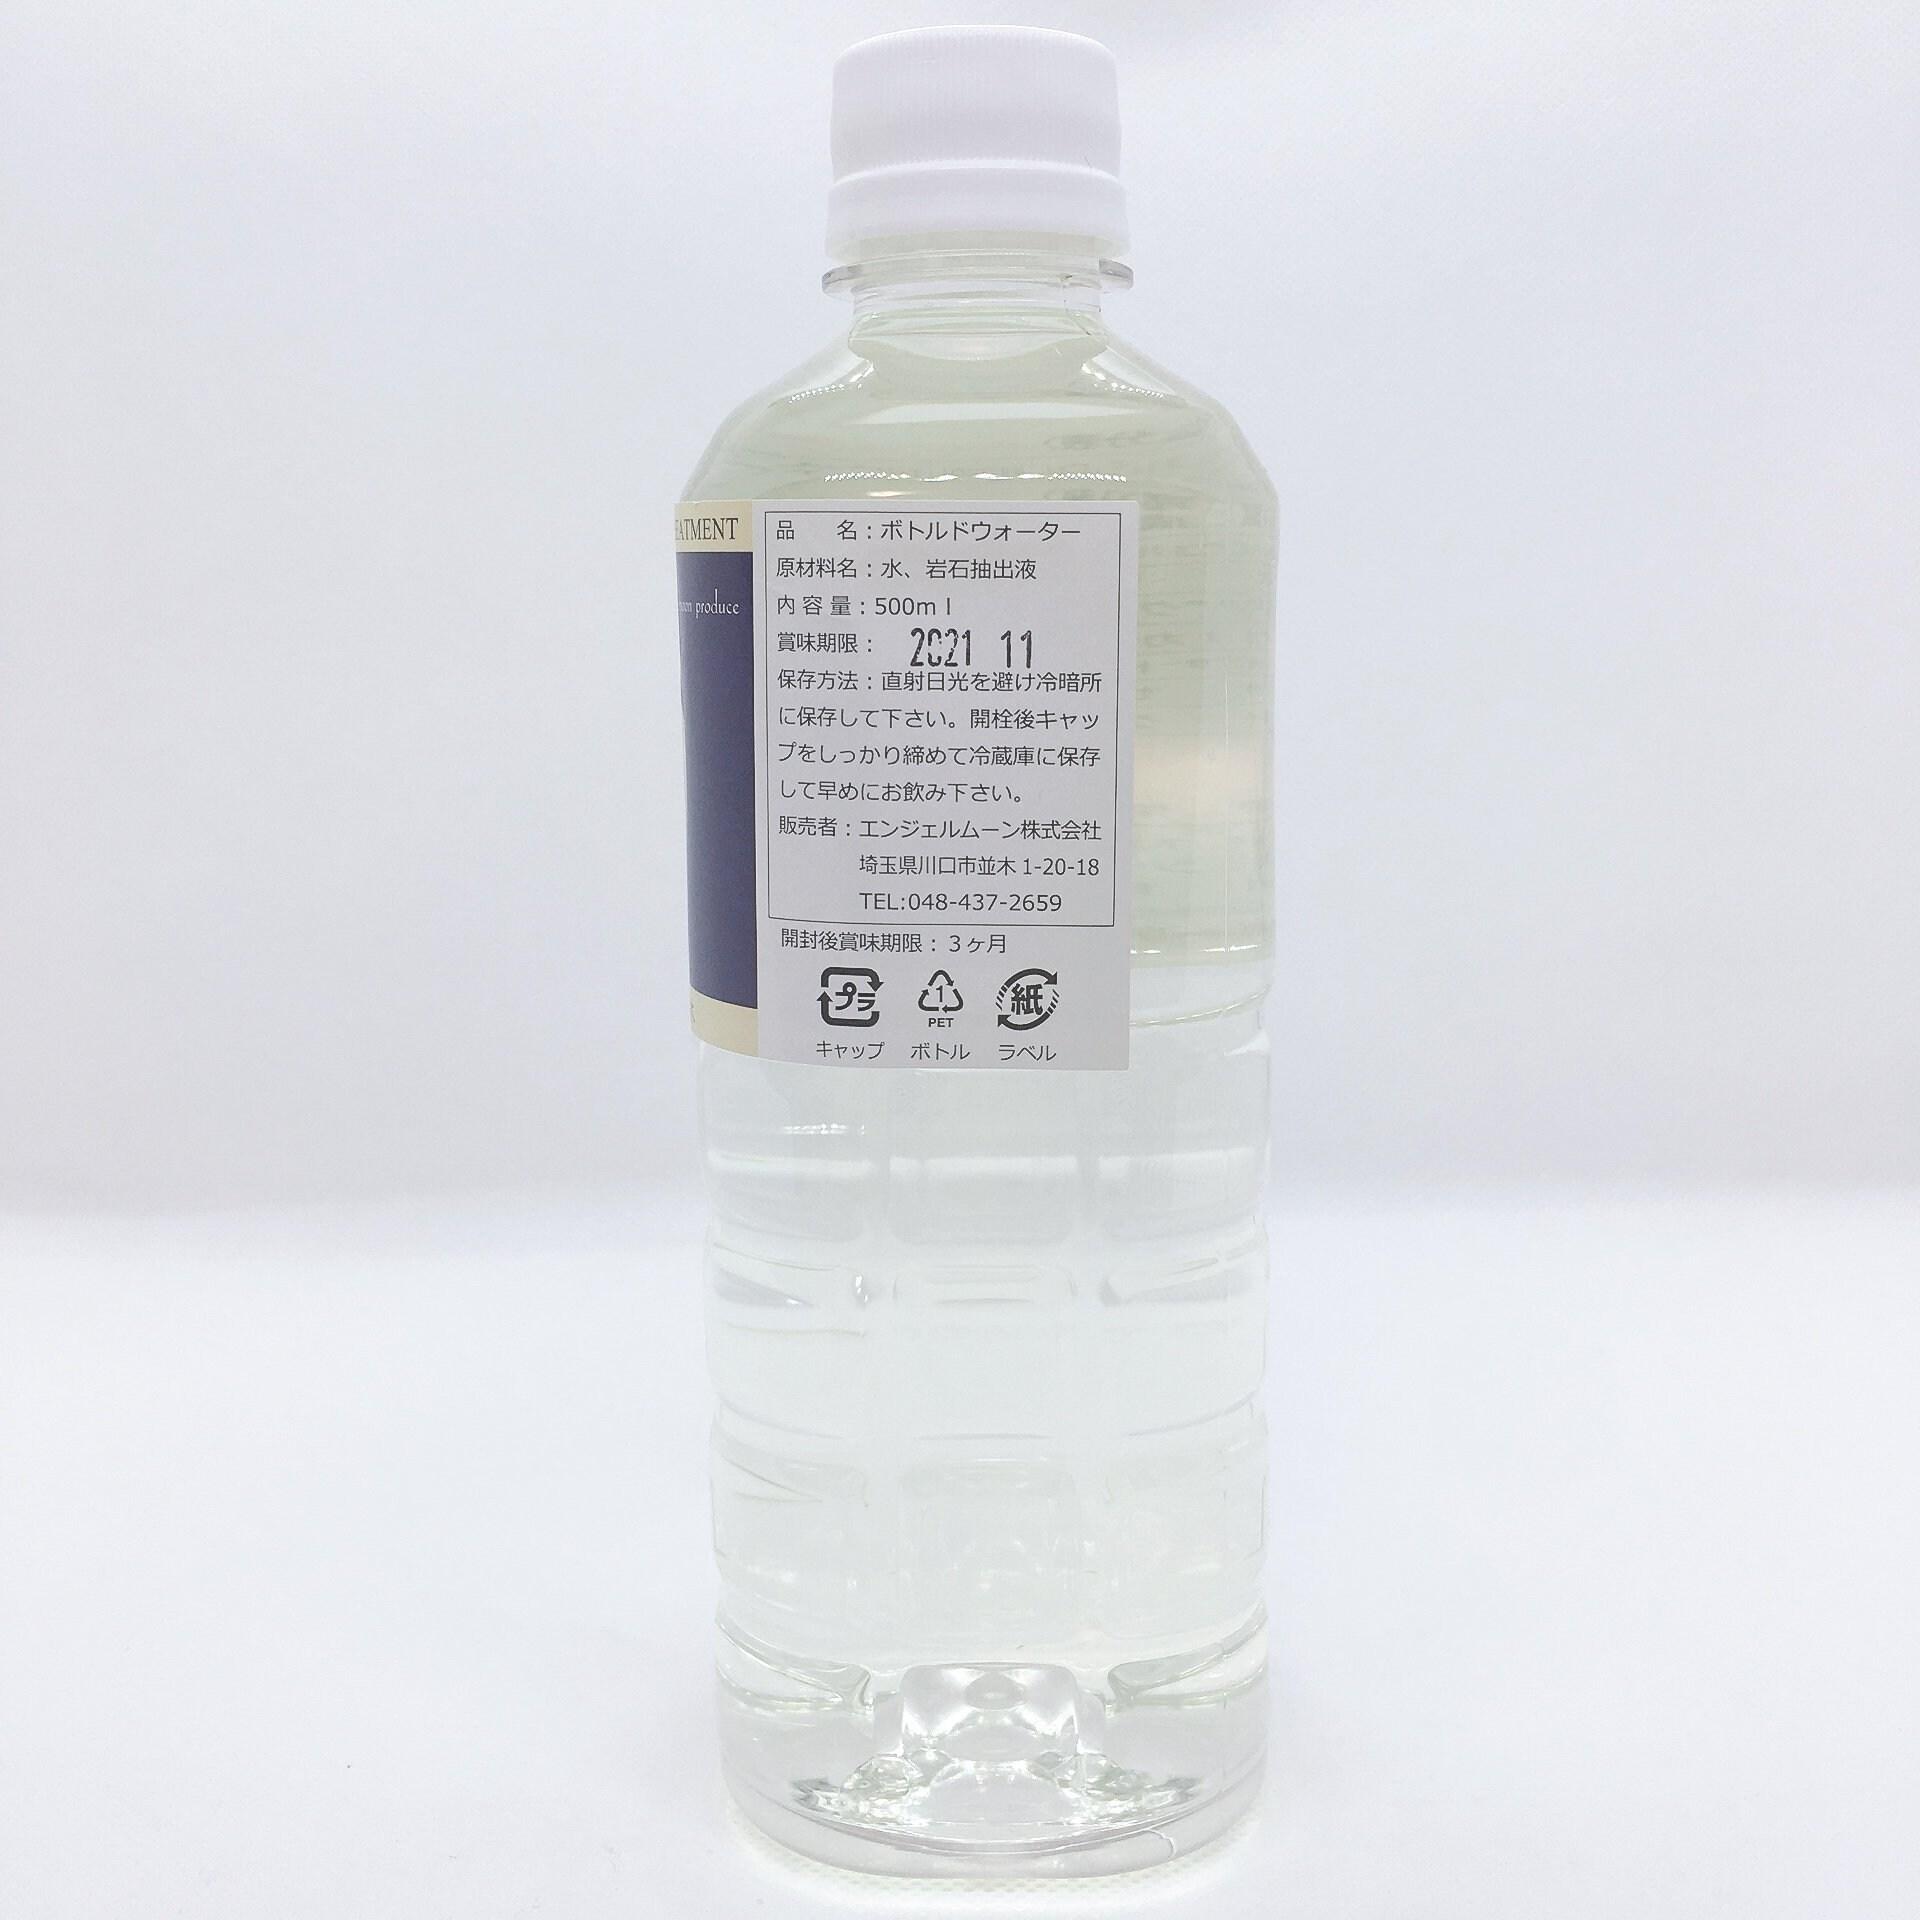 ミネラル 濃縮微量元素ミネラル水 神月乃泉 セット価格 ★500ml&詰め替え専用ボトル★のイメージその4